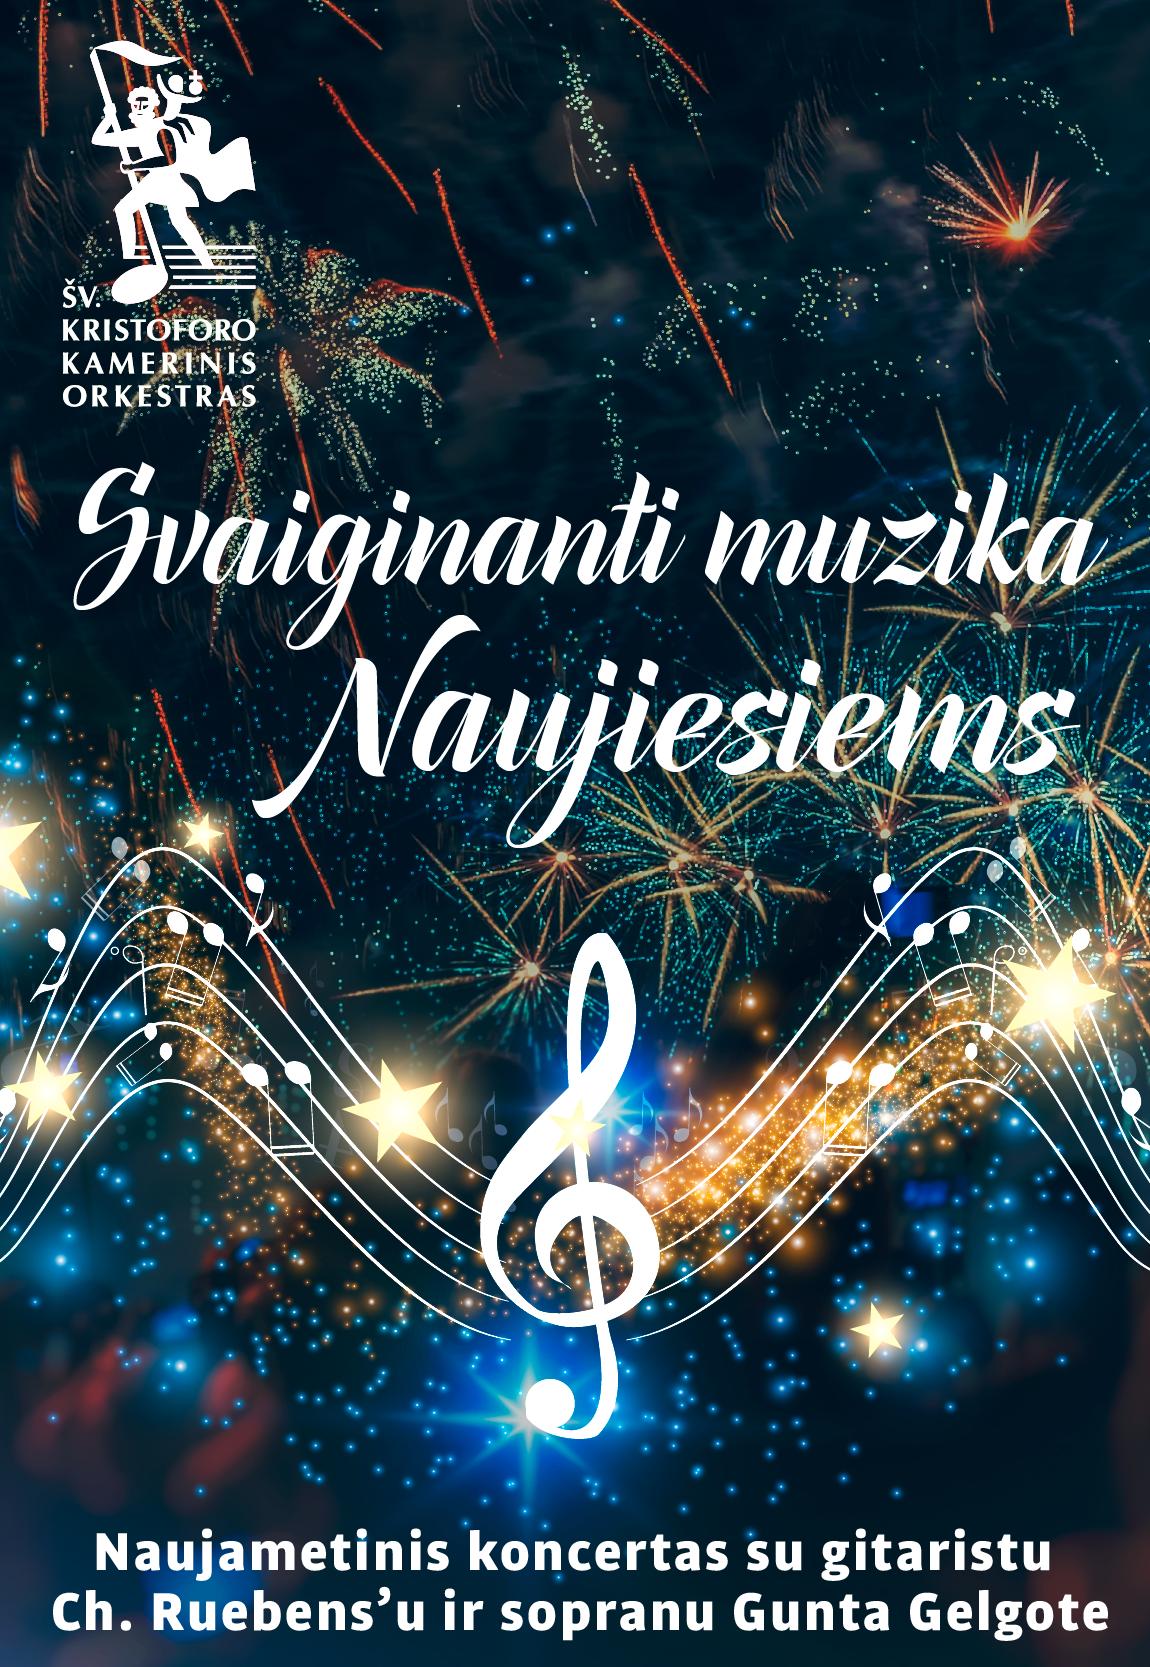 Svaiginanti muzika Naujiesiems